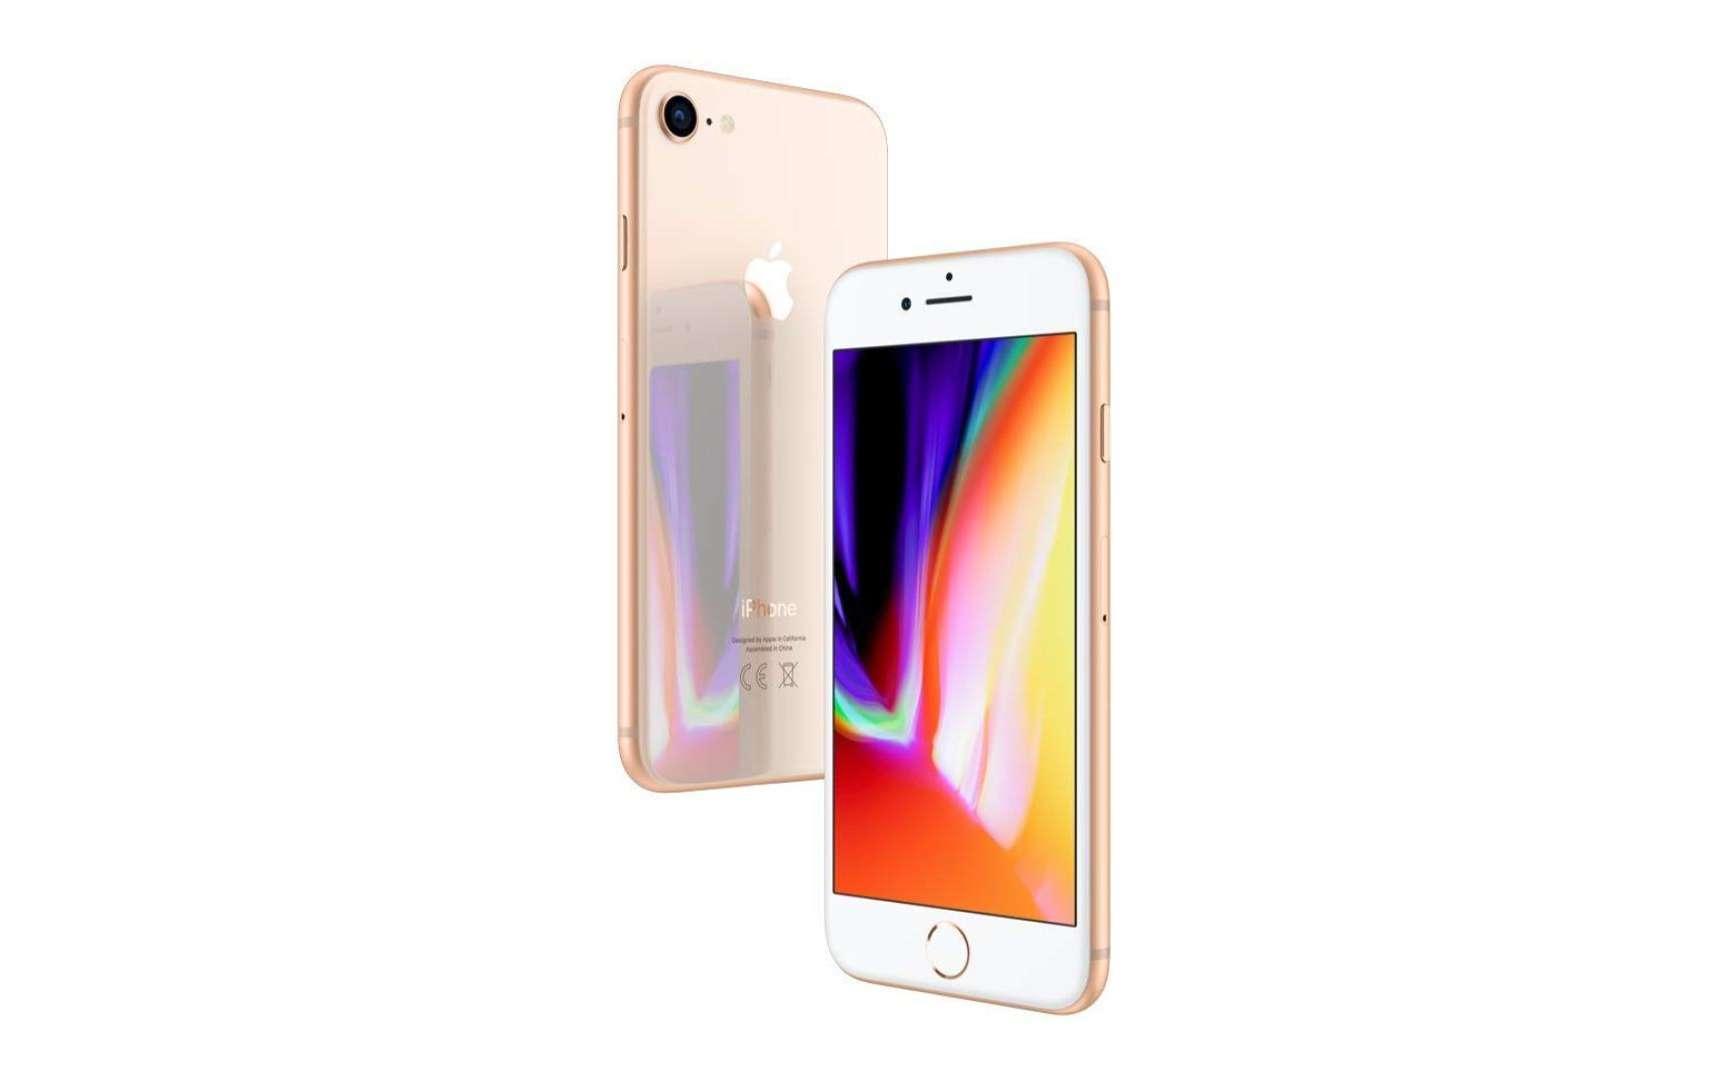 Cet iPhone SE 2 reprendra la taille et la dalle de l'iPhone 8. © Apple